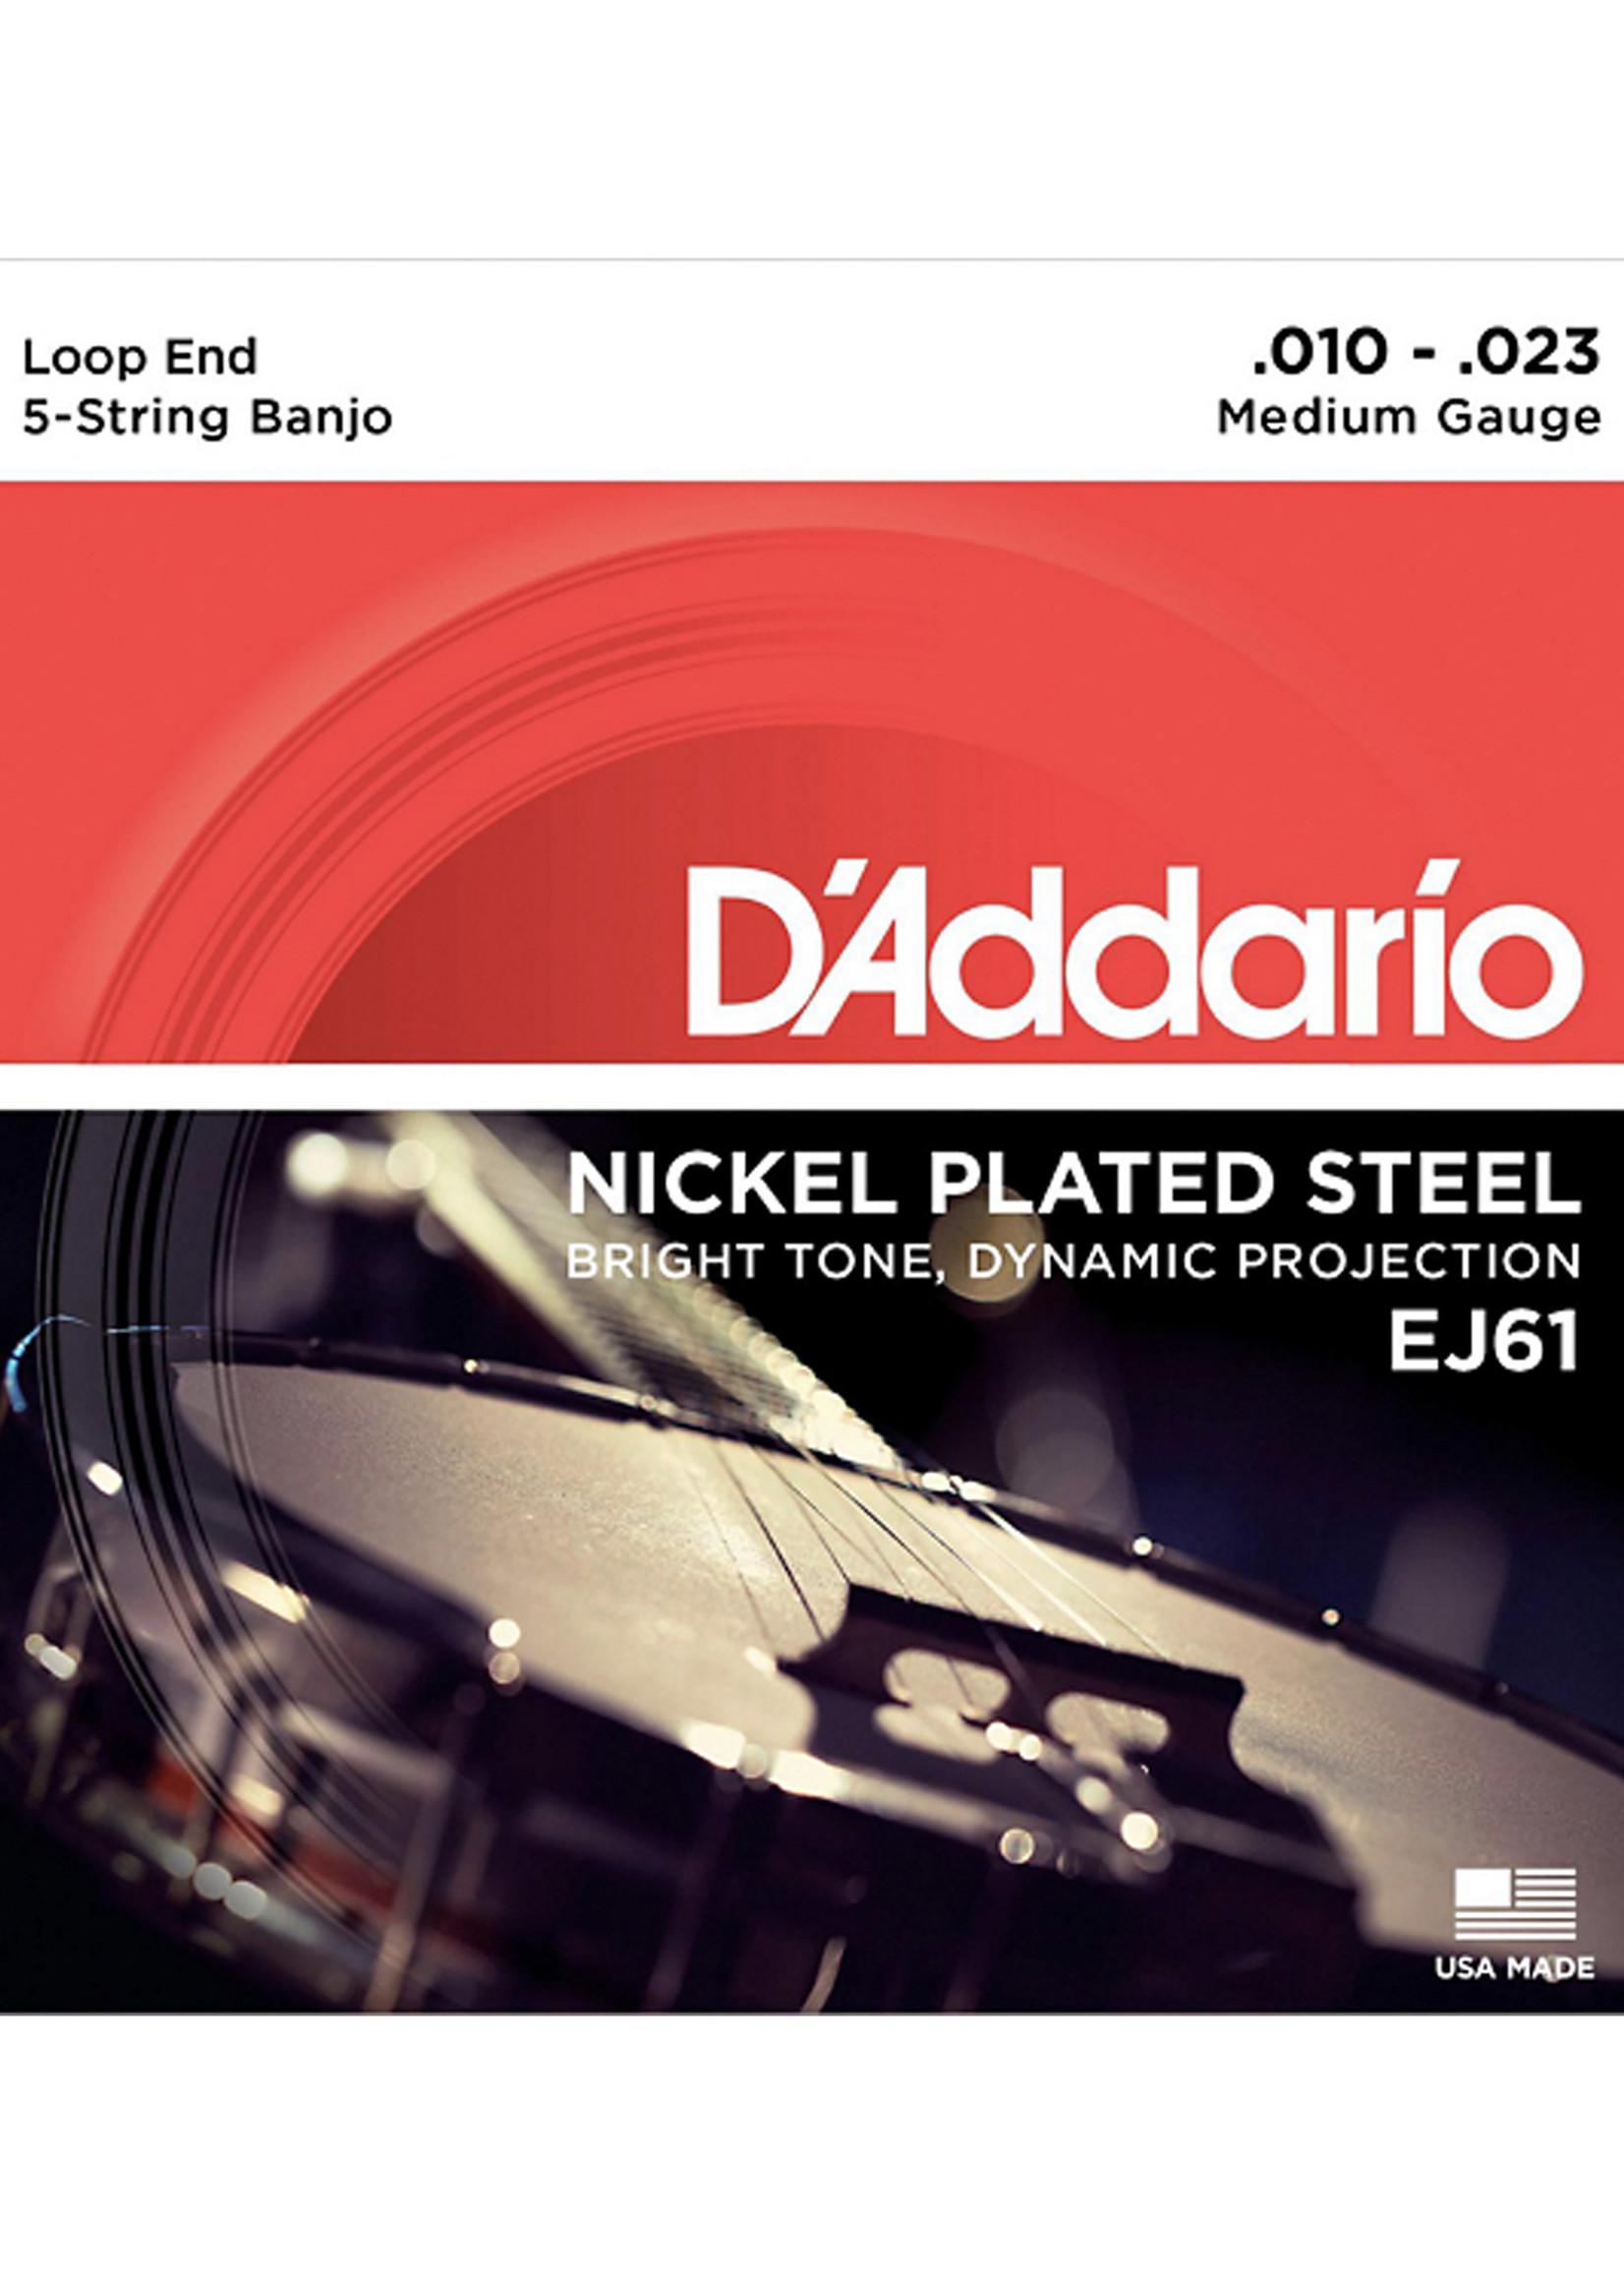 DAddario Fretted D'Addario EJ61 10-23 Medium